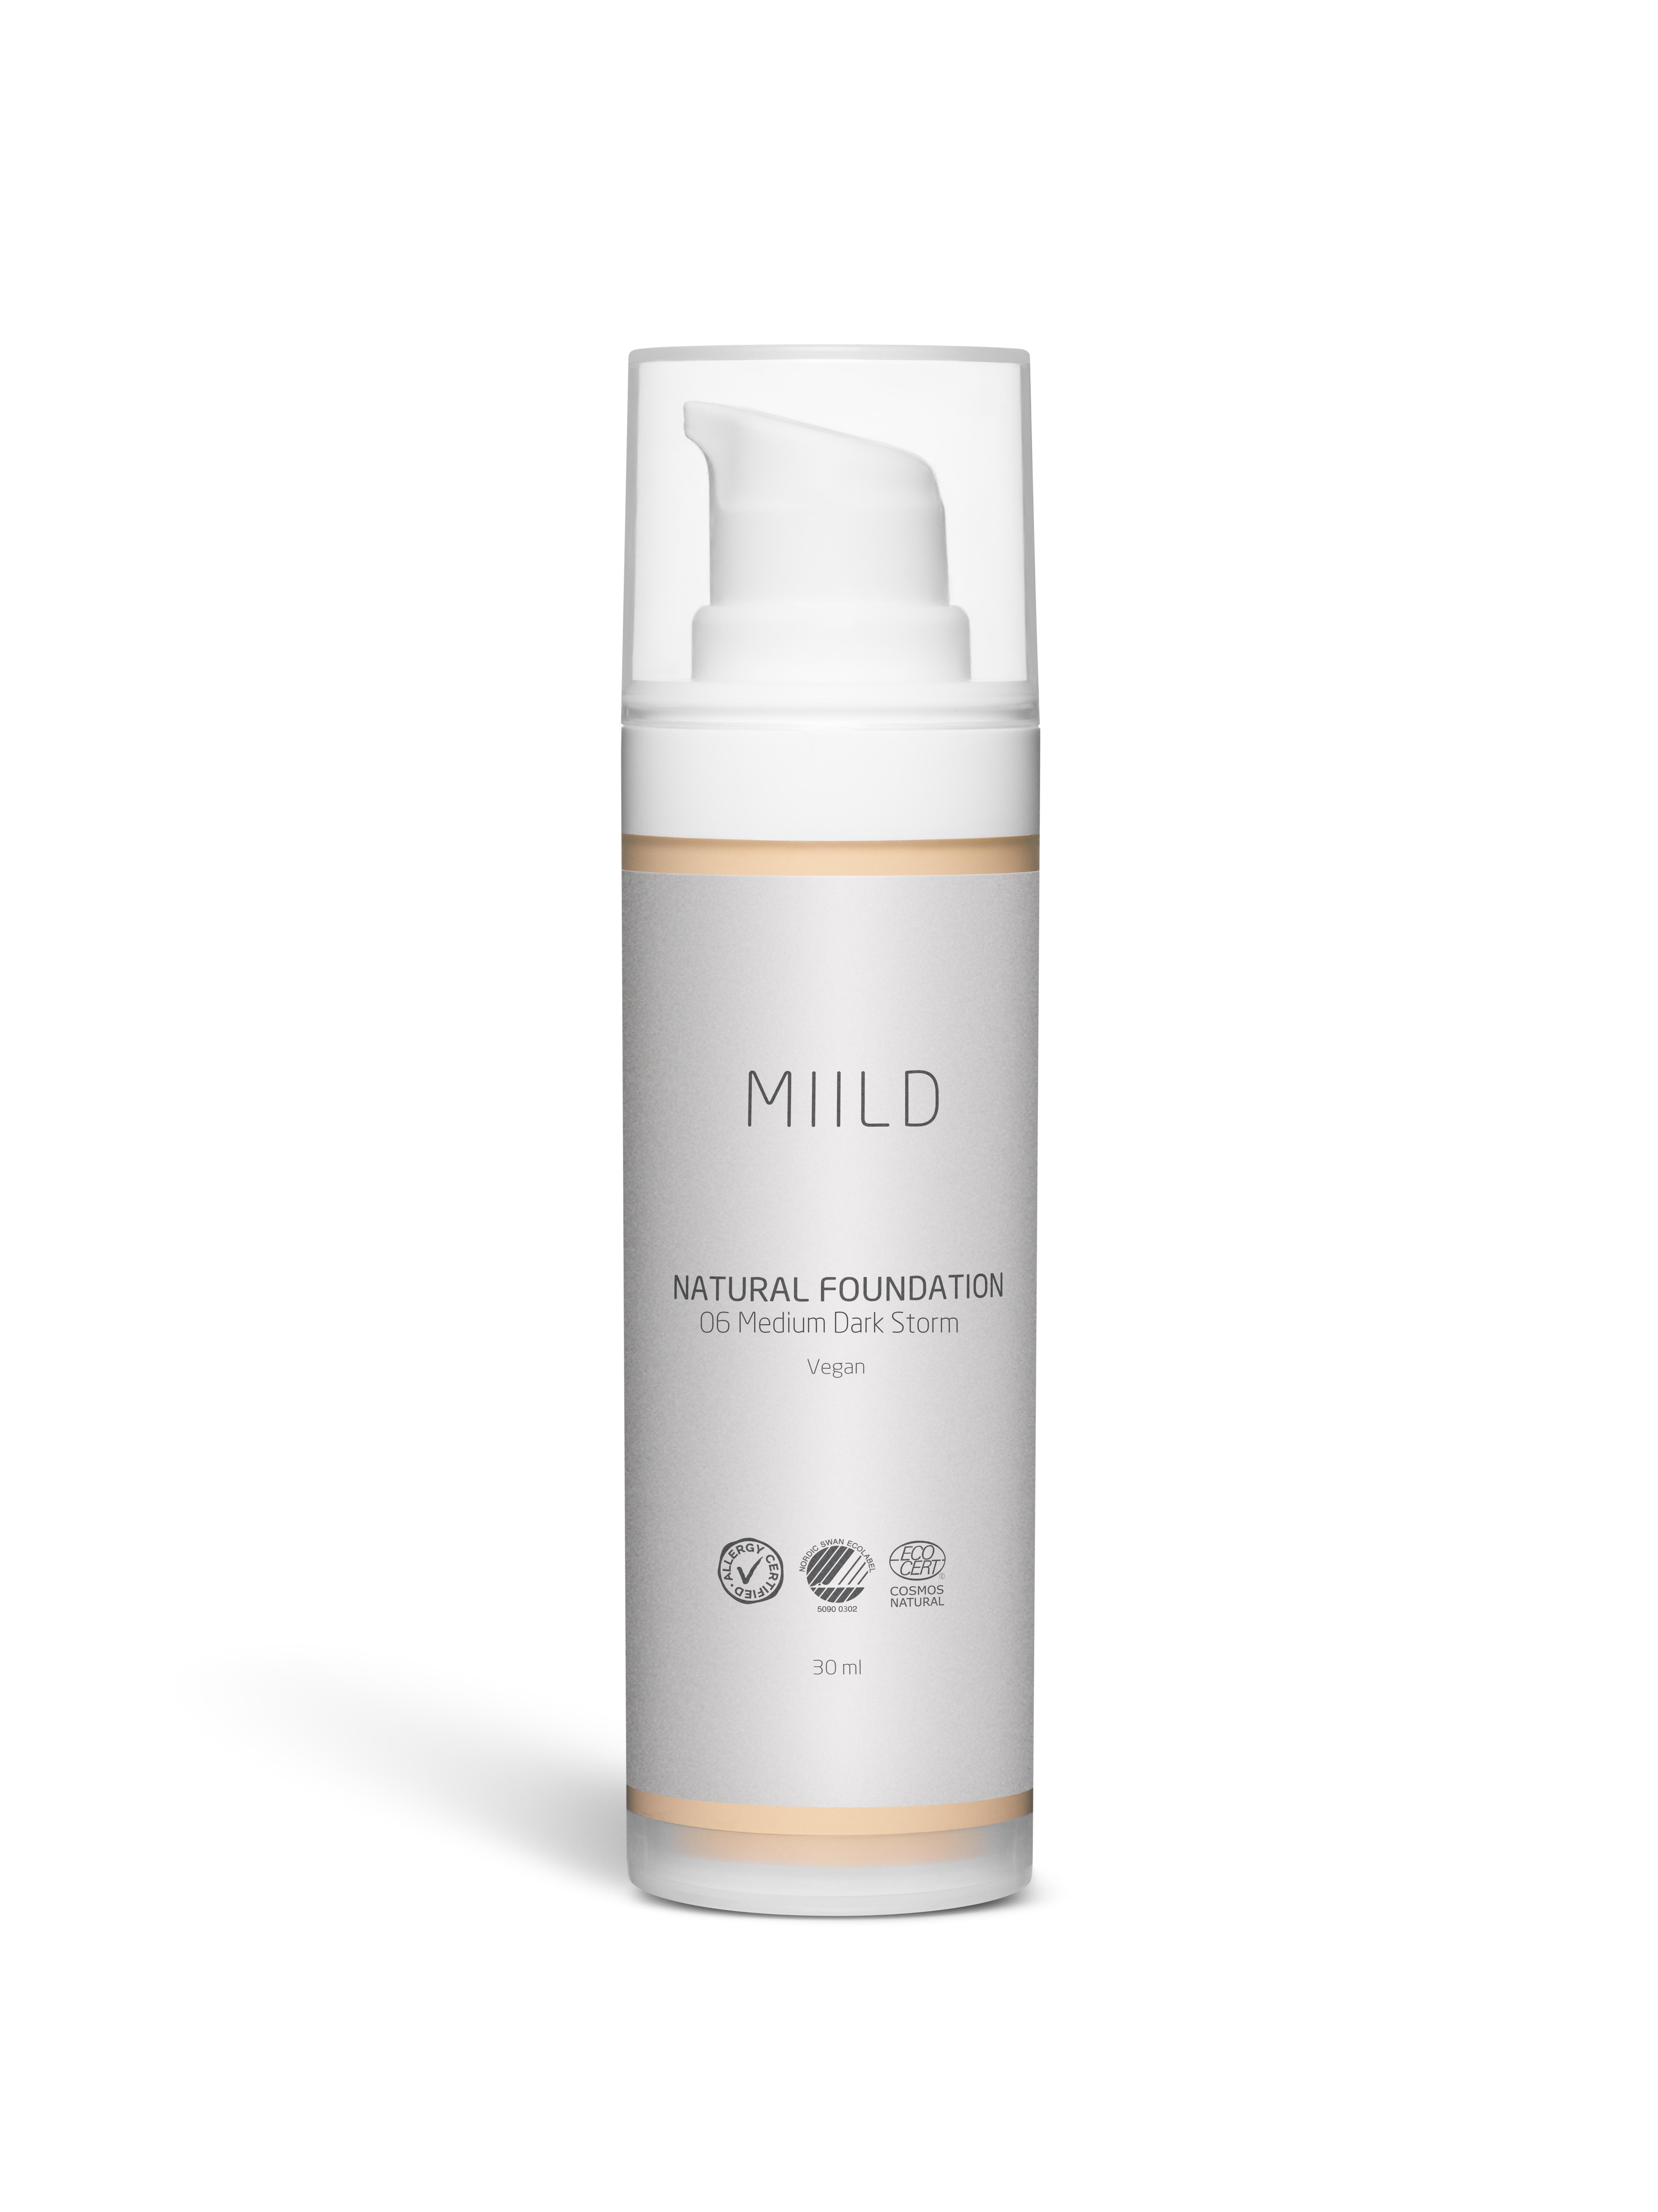 Miild Natural Foundation, 06 medium dark storm